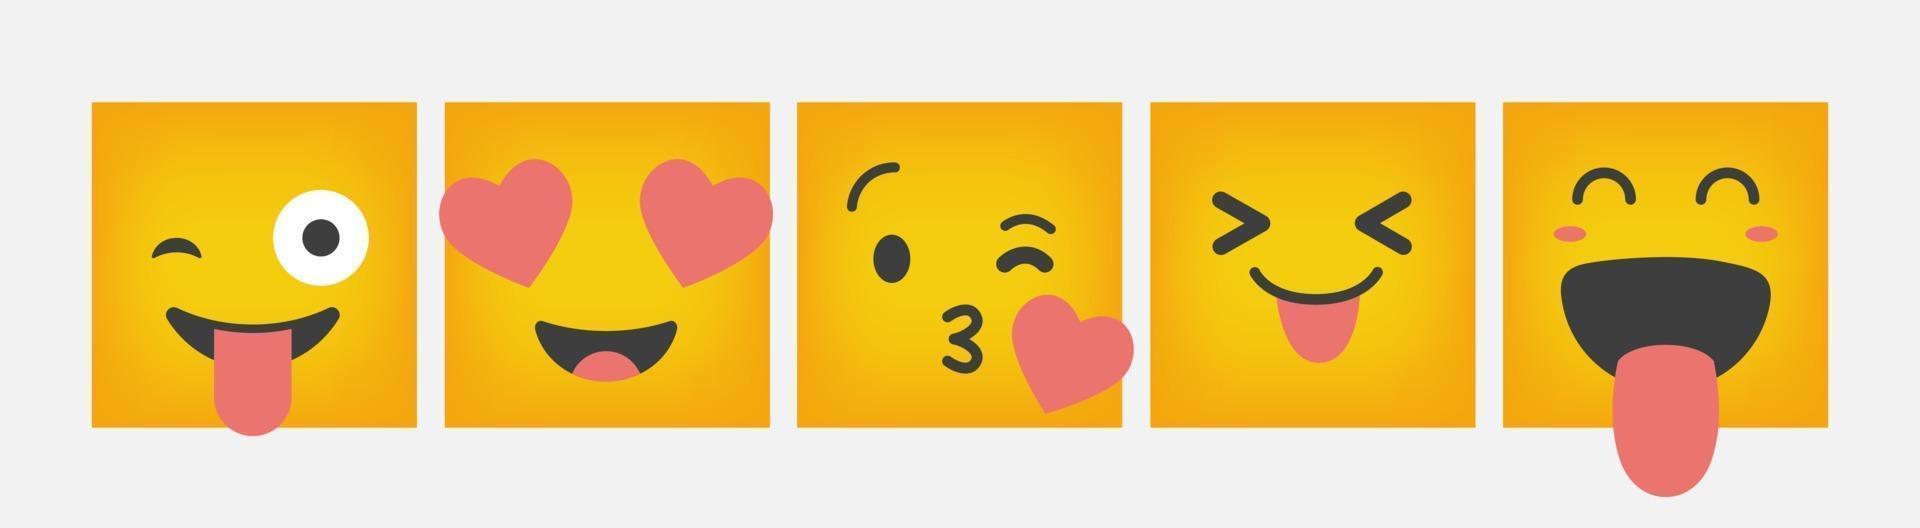 Emoticon reazione design quadrato set piatto - vettore